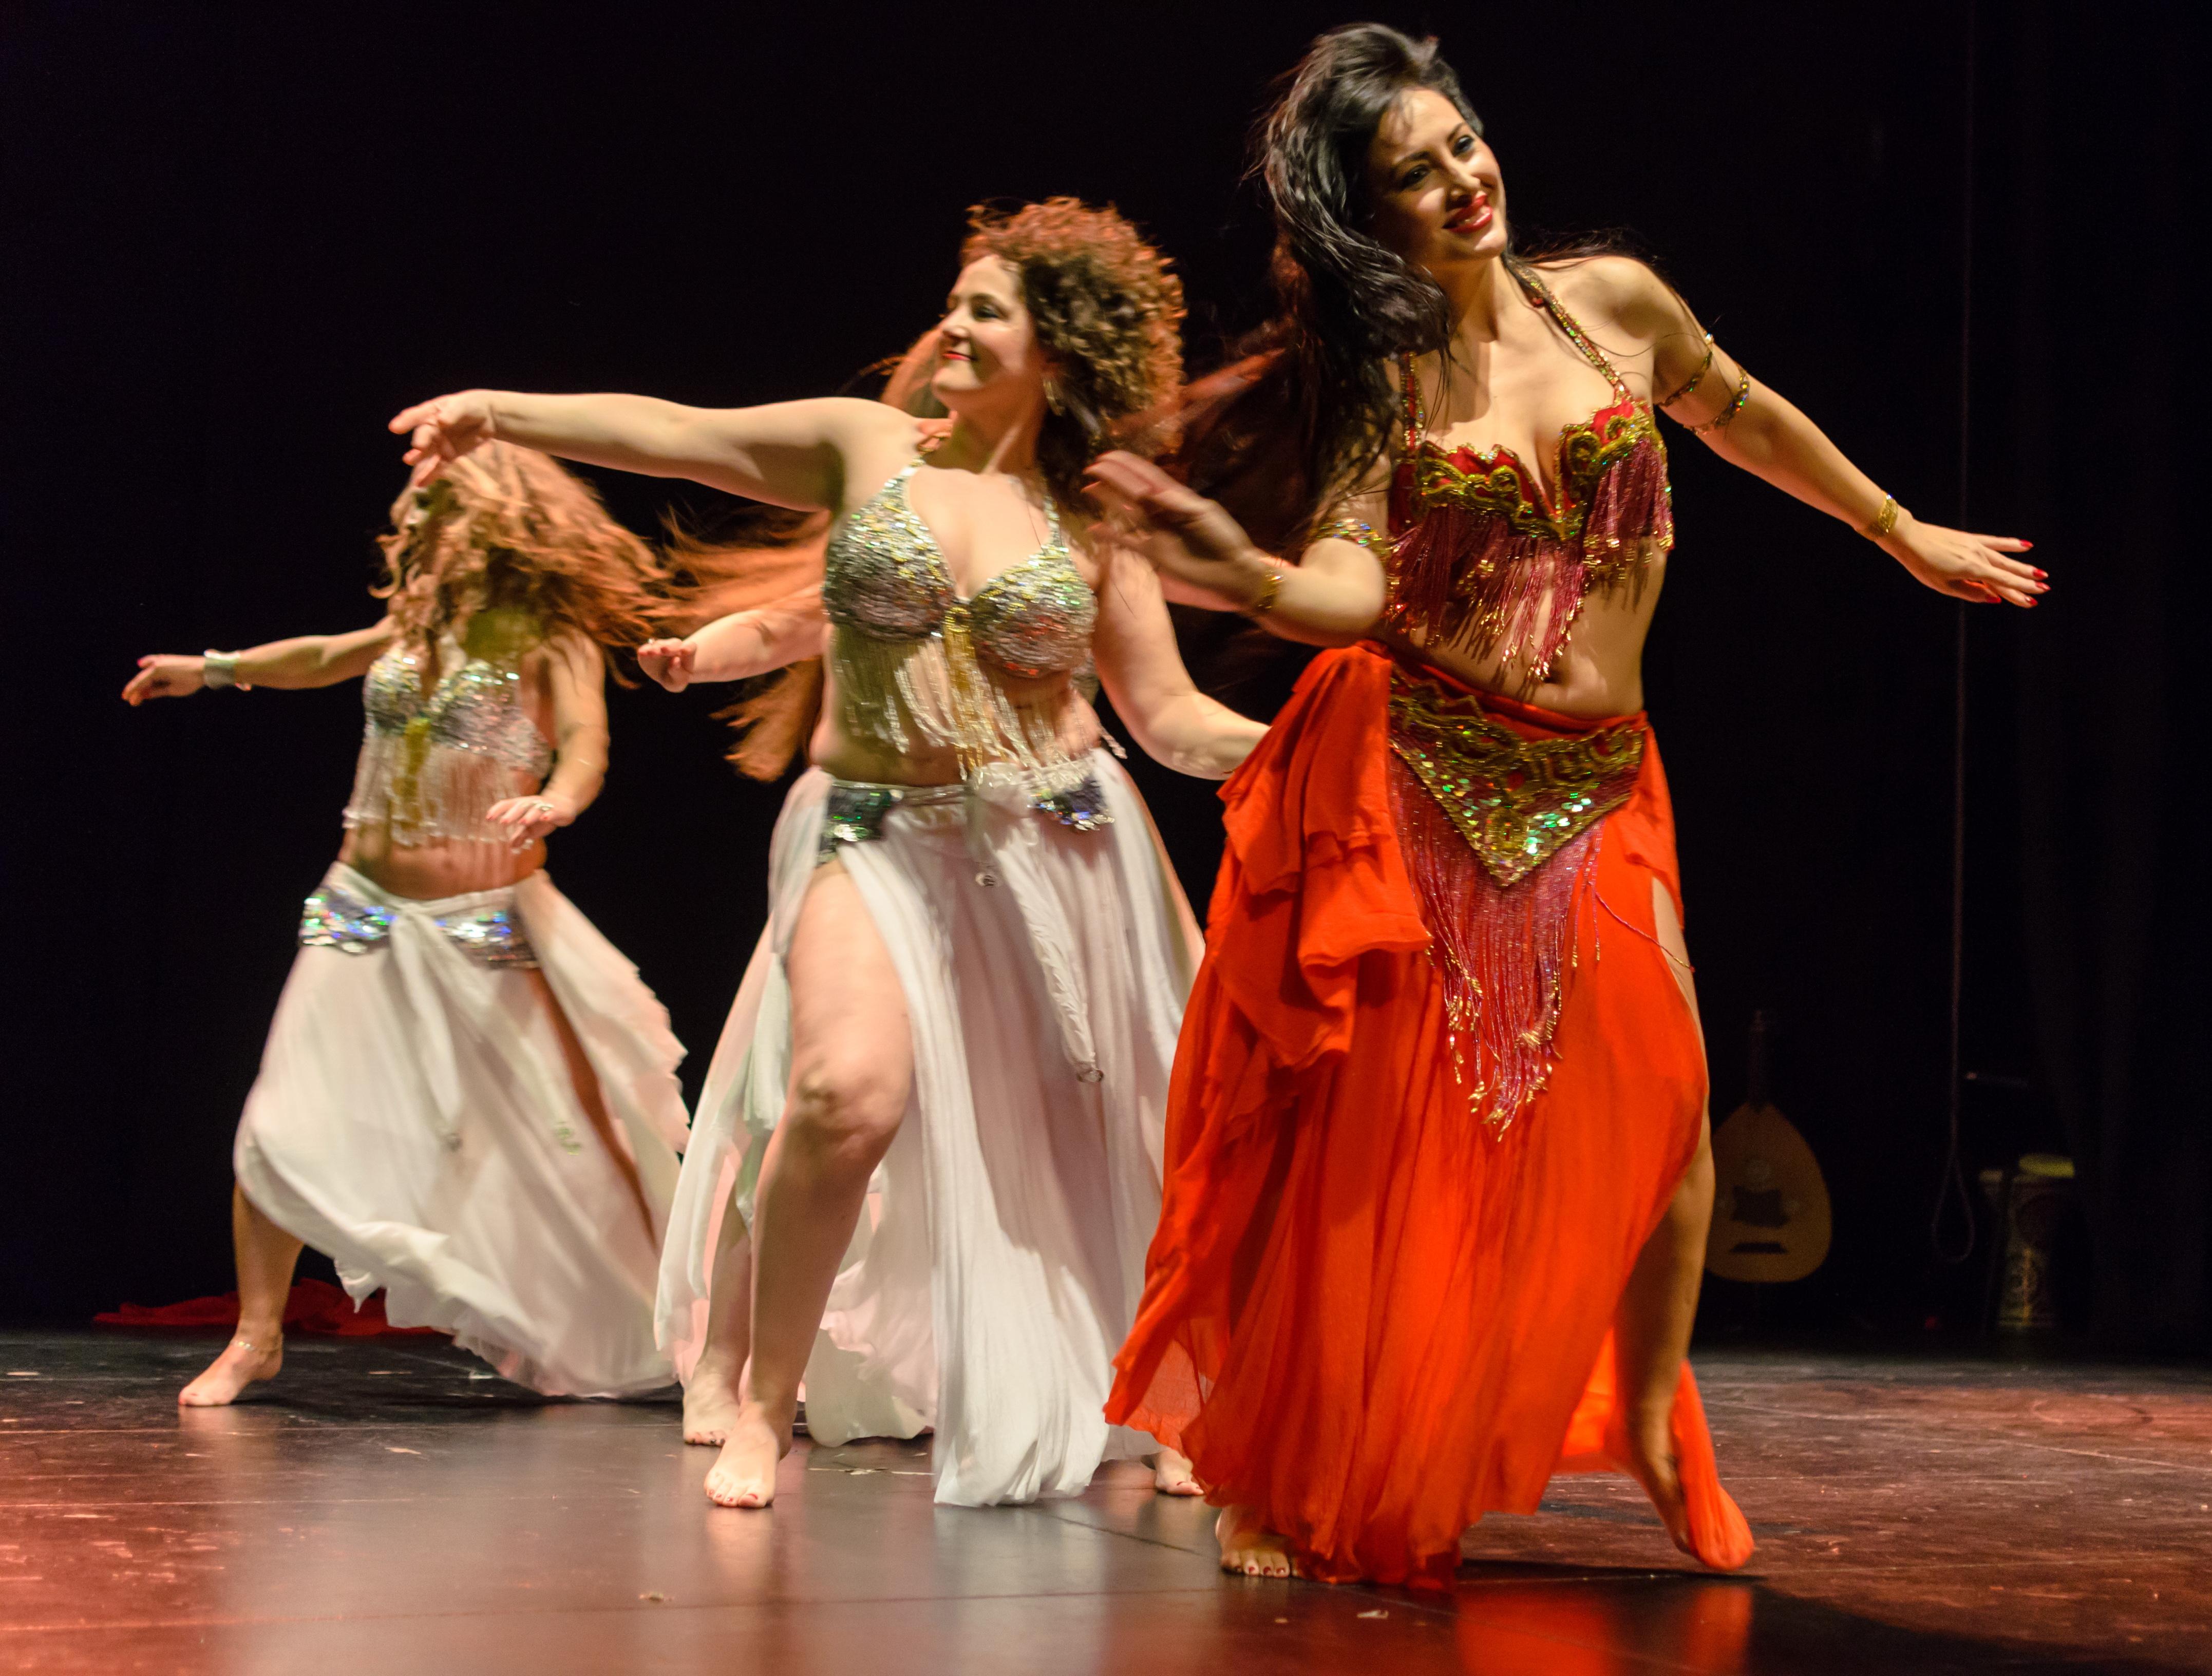 Festival internacionl de danza oriental. Leire Hathor y alumnas b